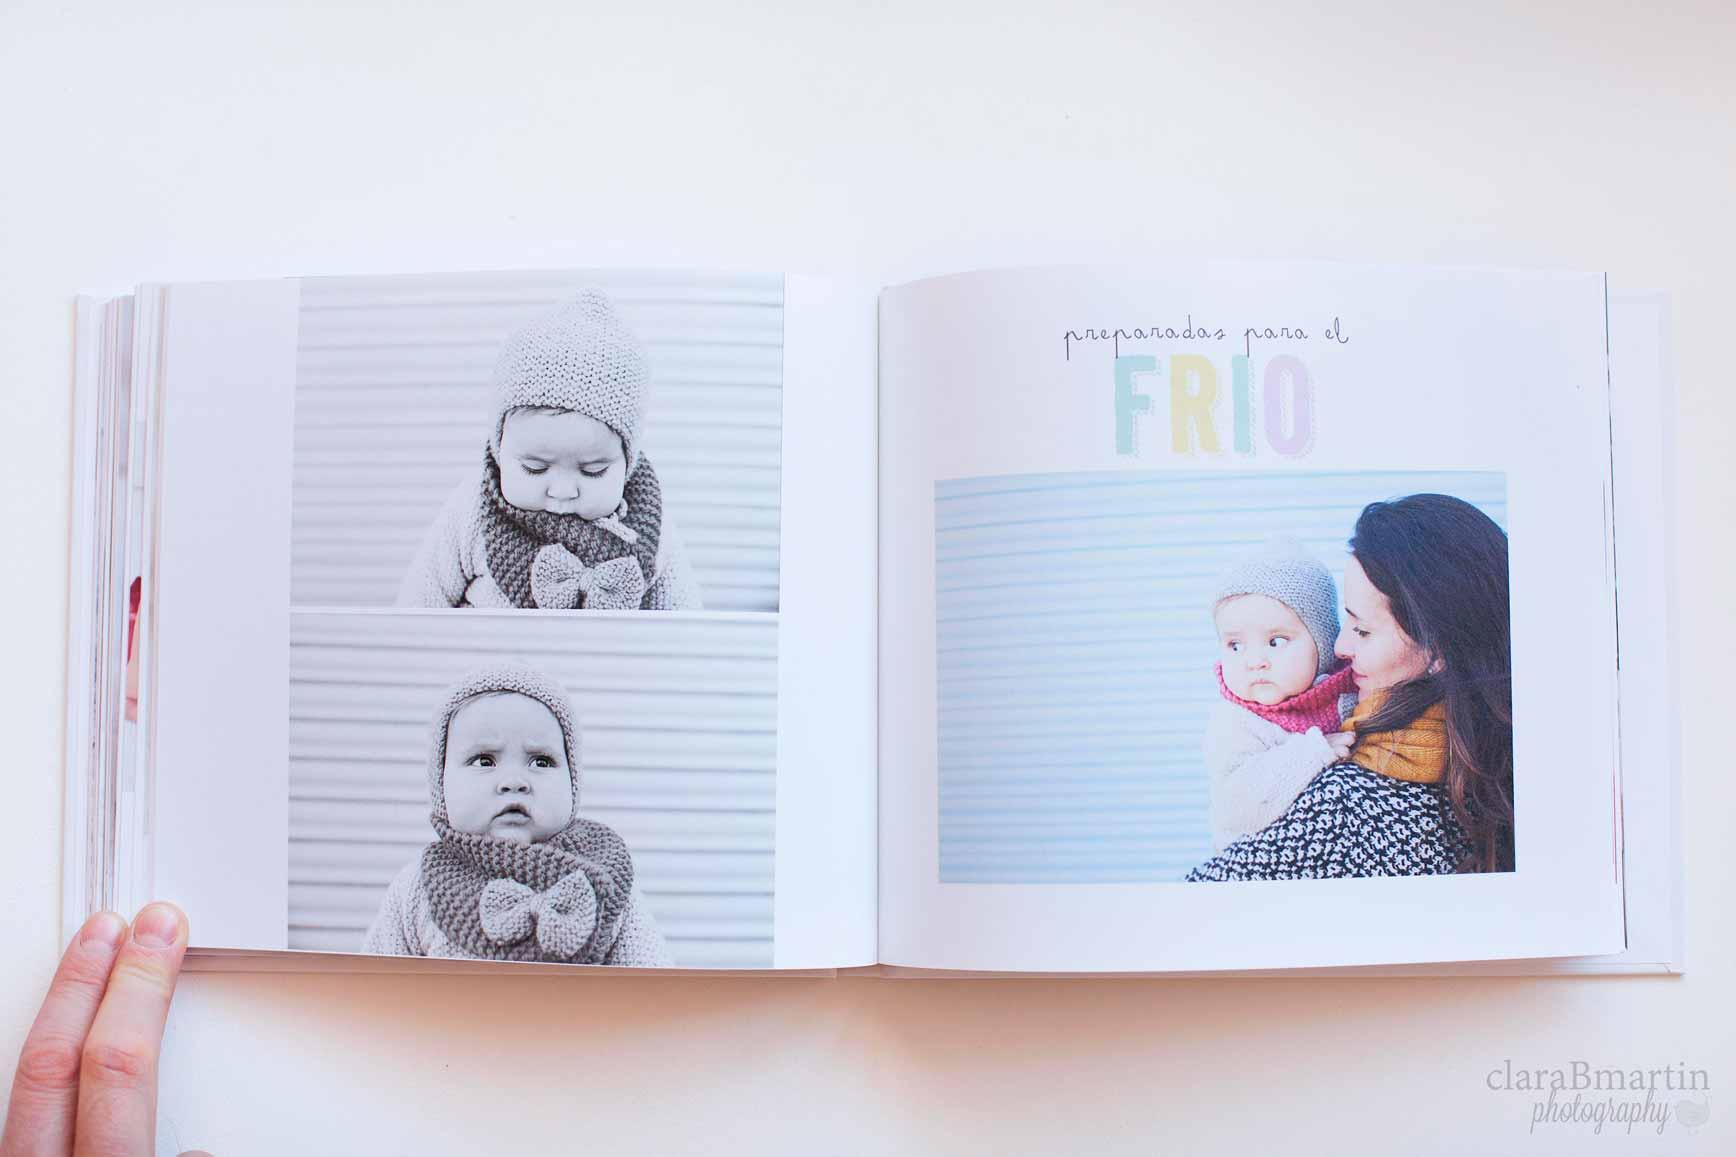 Libro_primer_añoclaraBmartin18